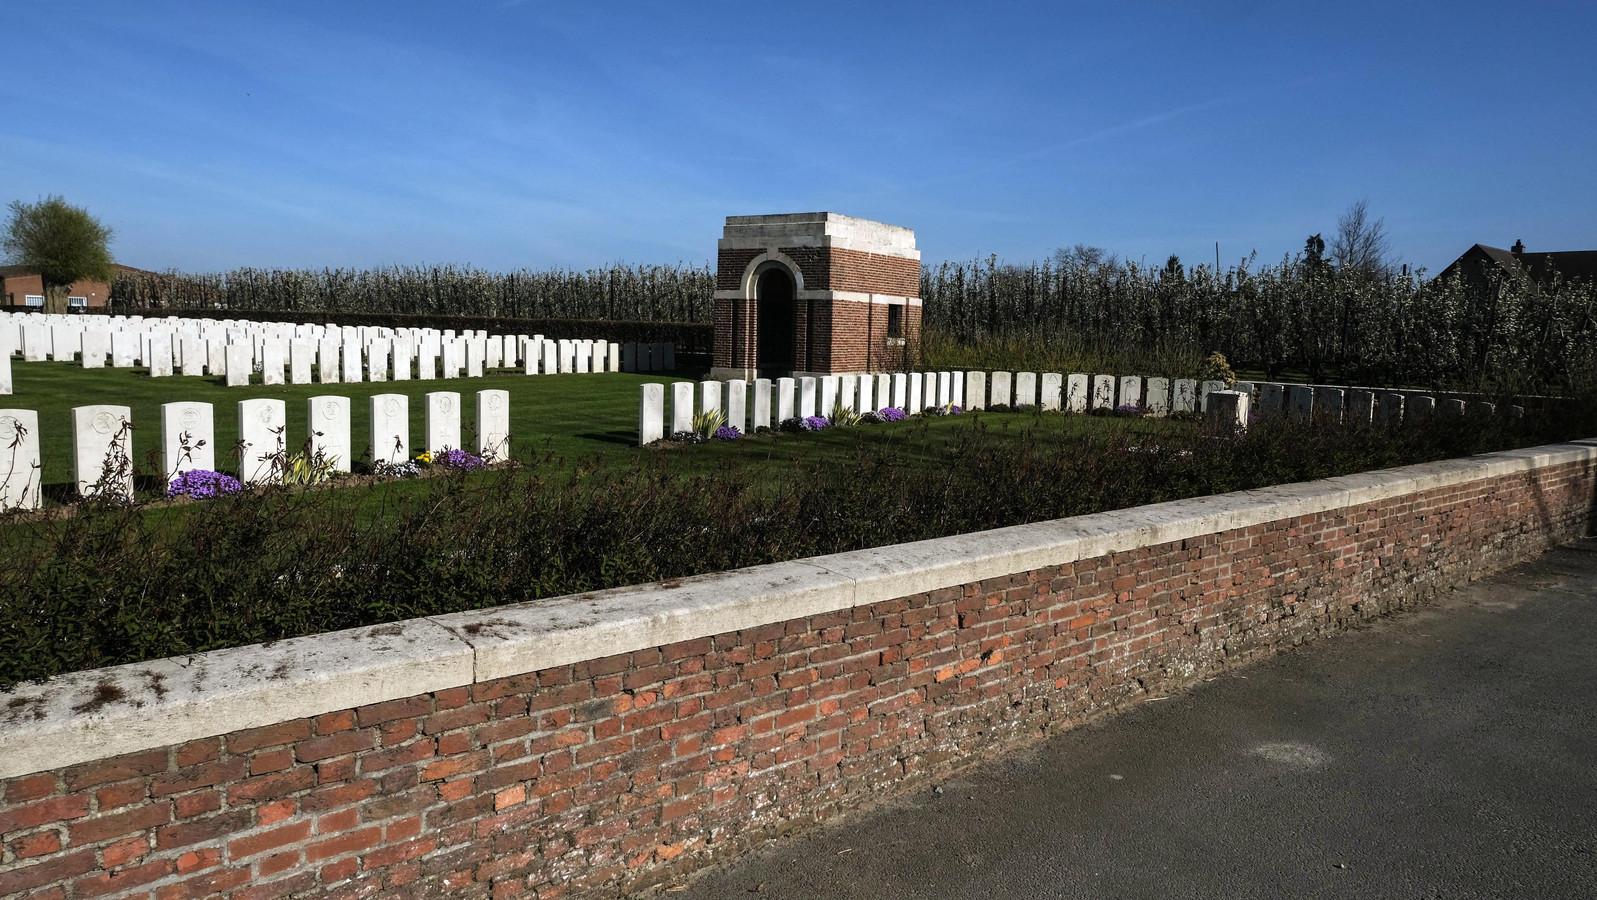 De CWGC krijgt subsidies om drie begraafplaatsen te restaureren.